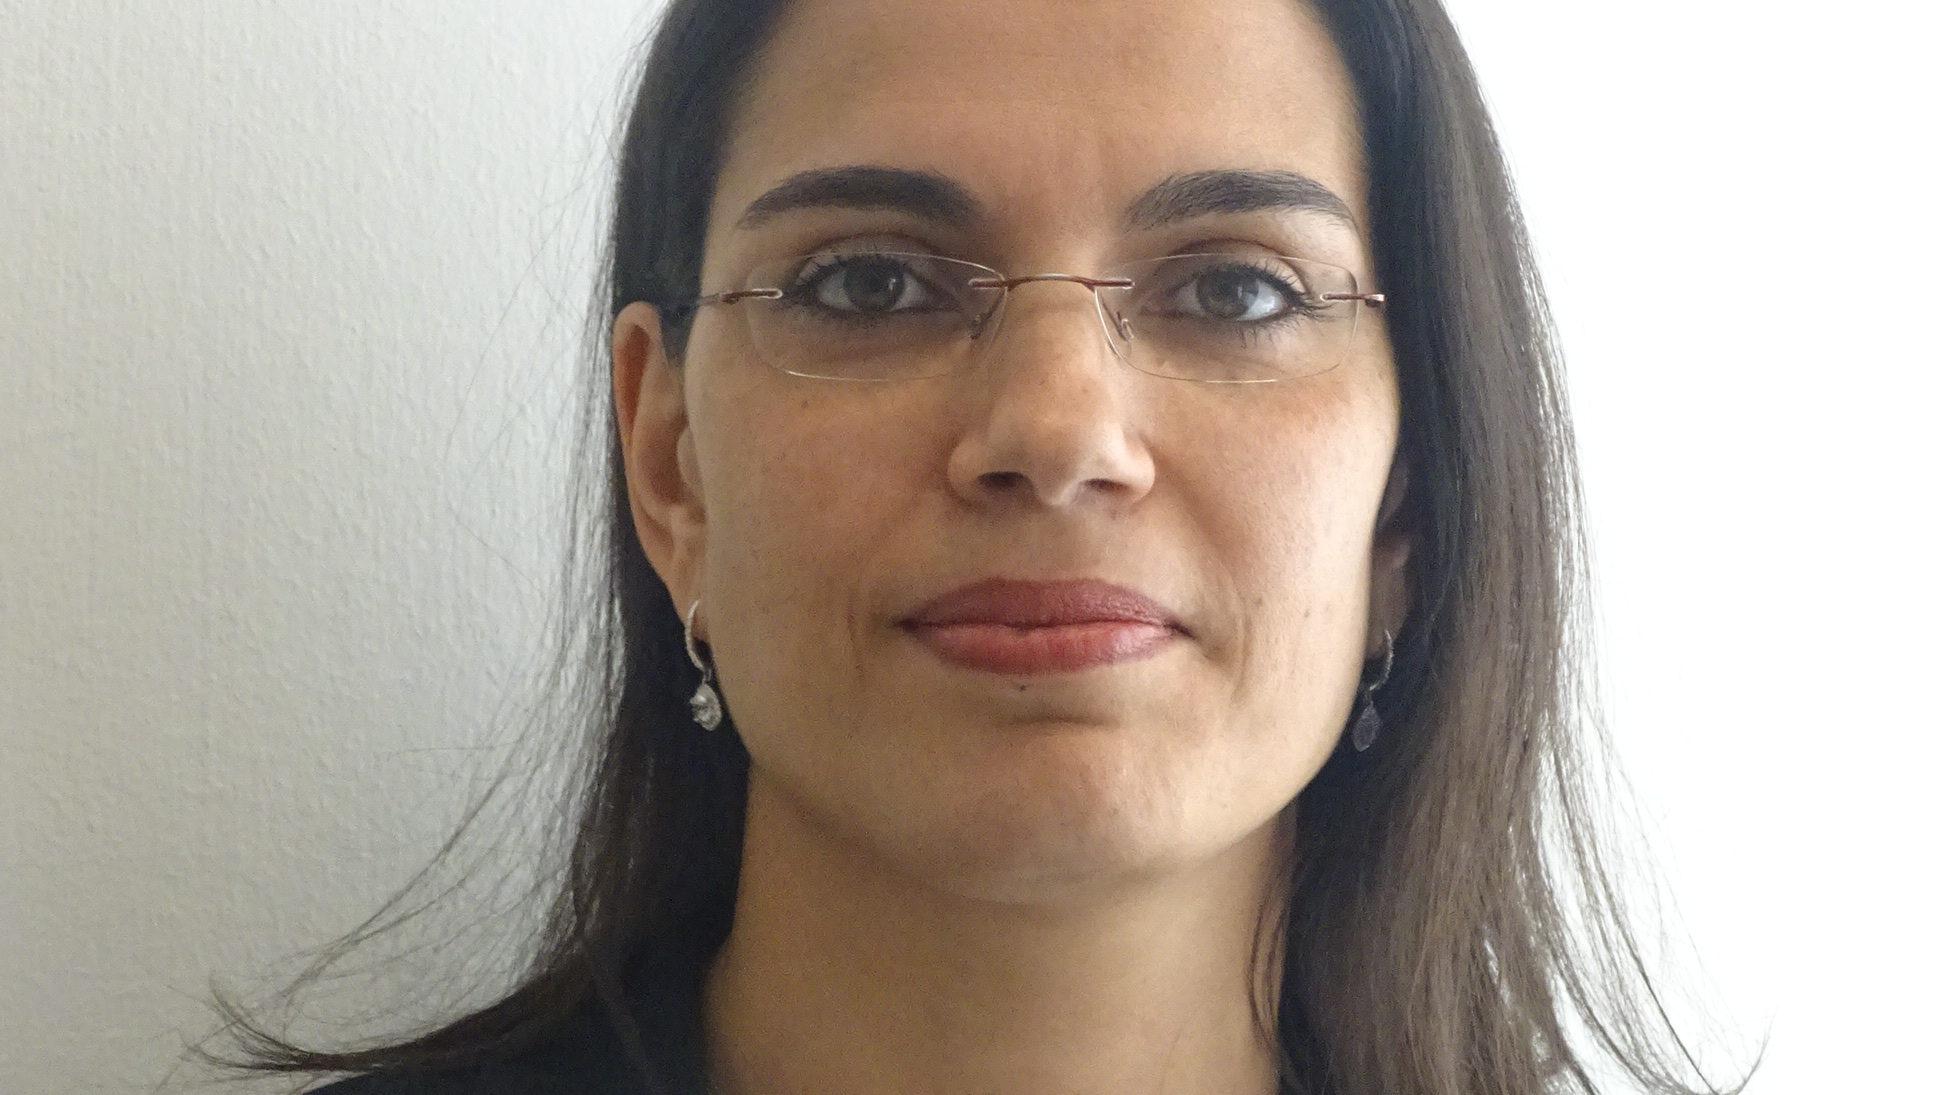 מיכל היימן מנהלת מחלקת הפנסיה ברשות: לא נכון לעודד משיכת חסכונות, אך בשל התקופה אנחנו לא מתנגדים